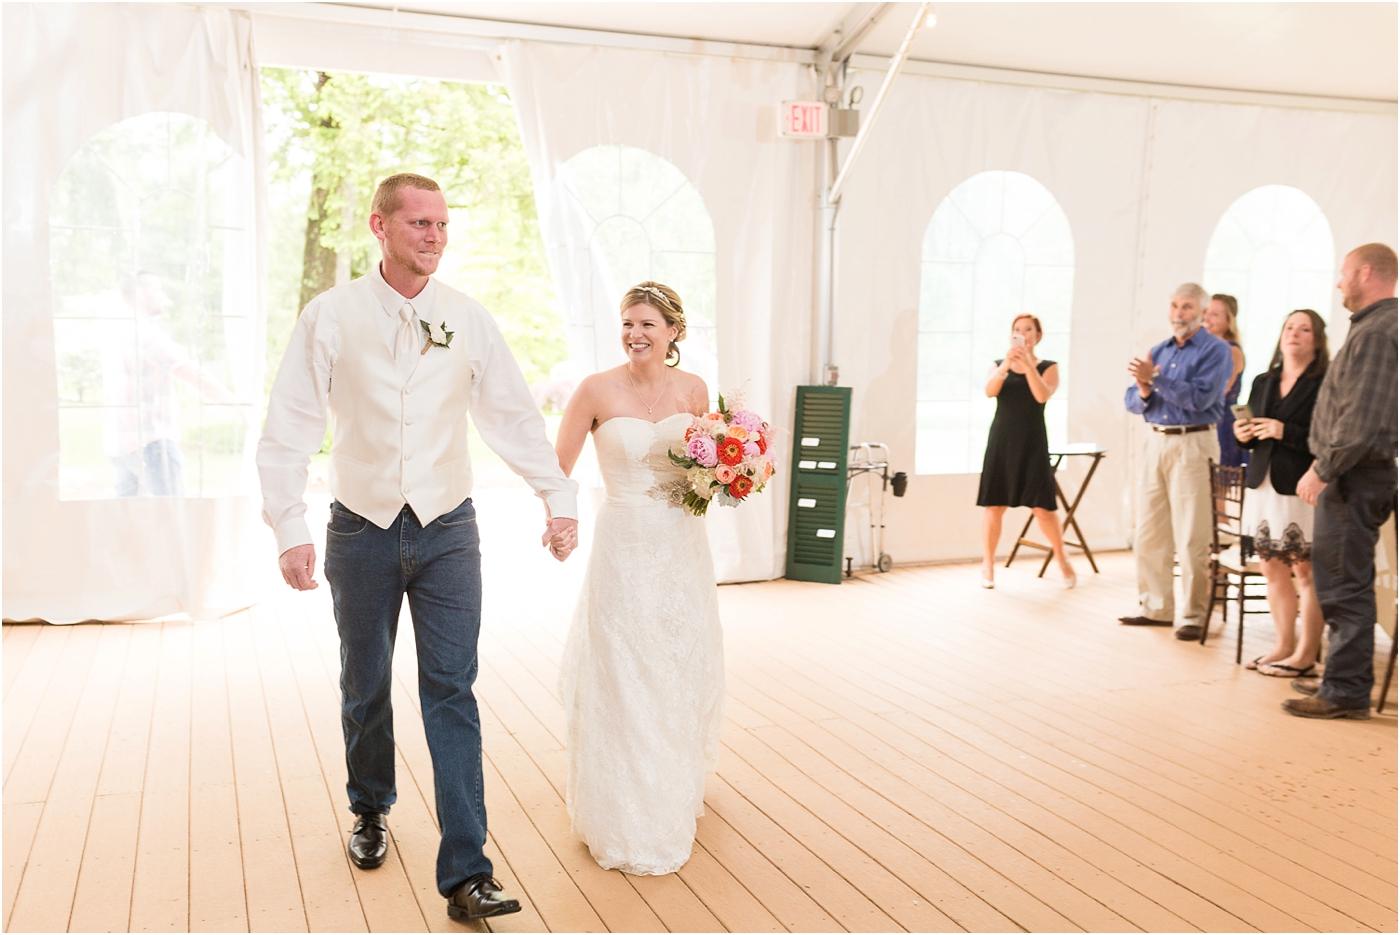 Royer-House-Wedding-Photos-87.jpg